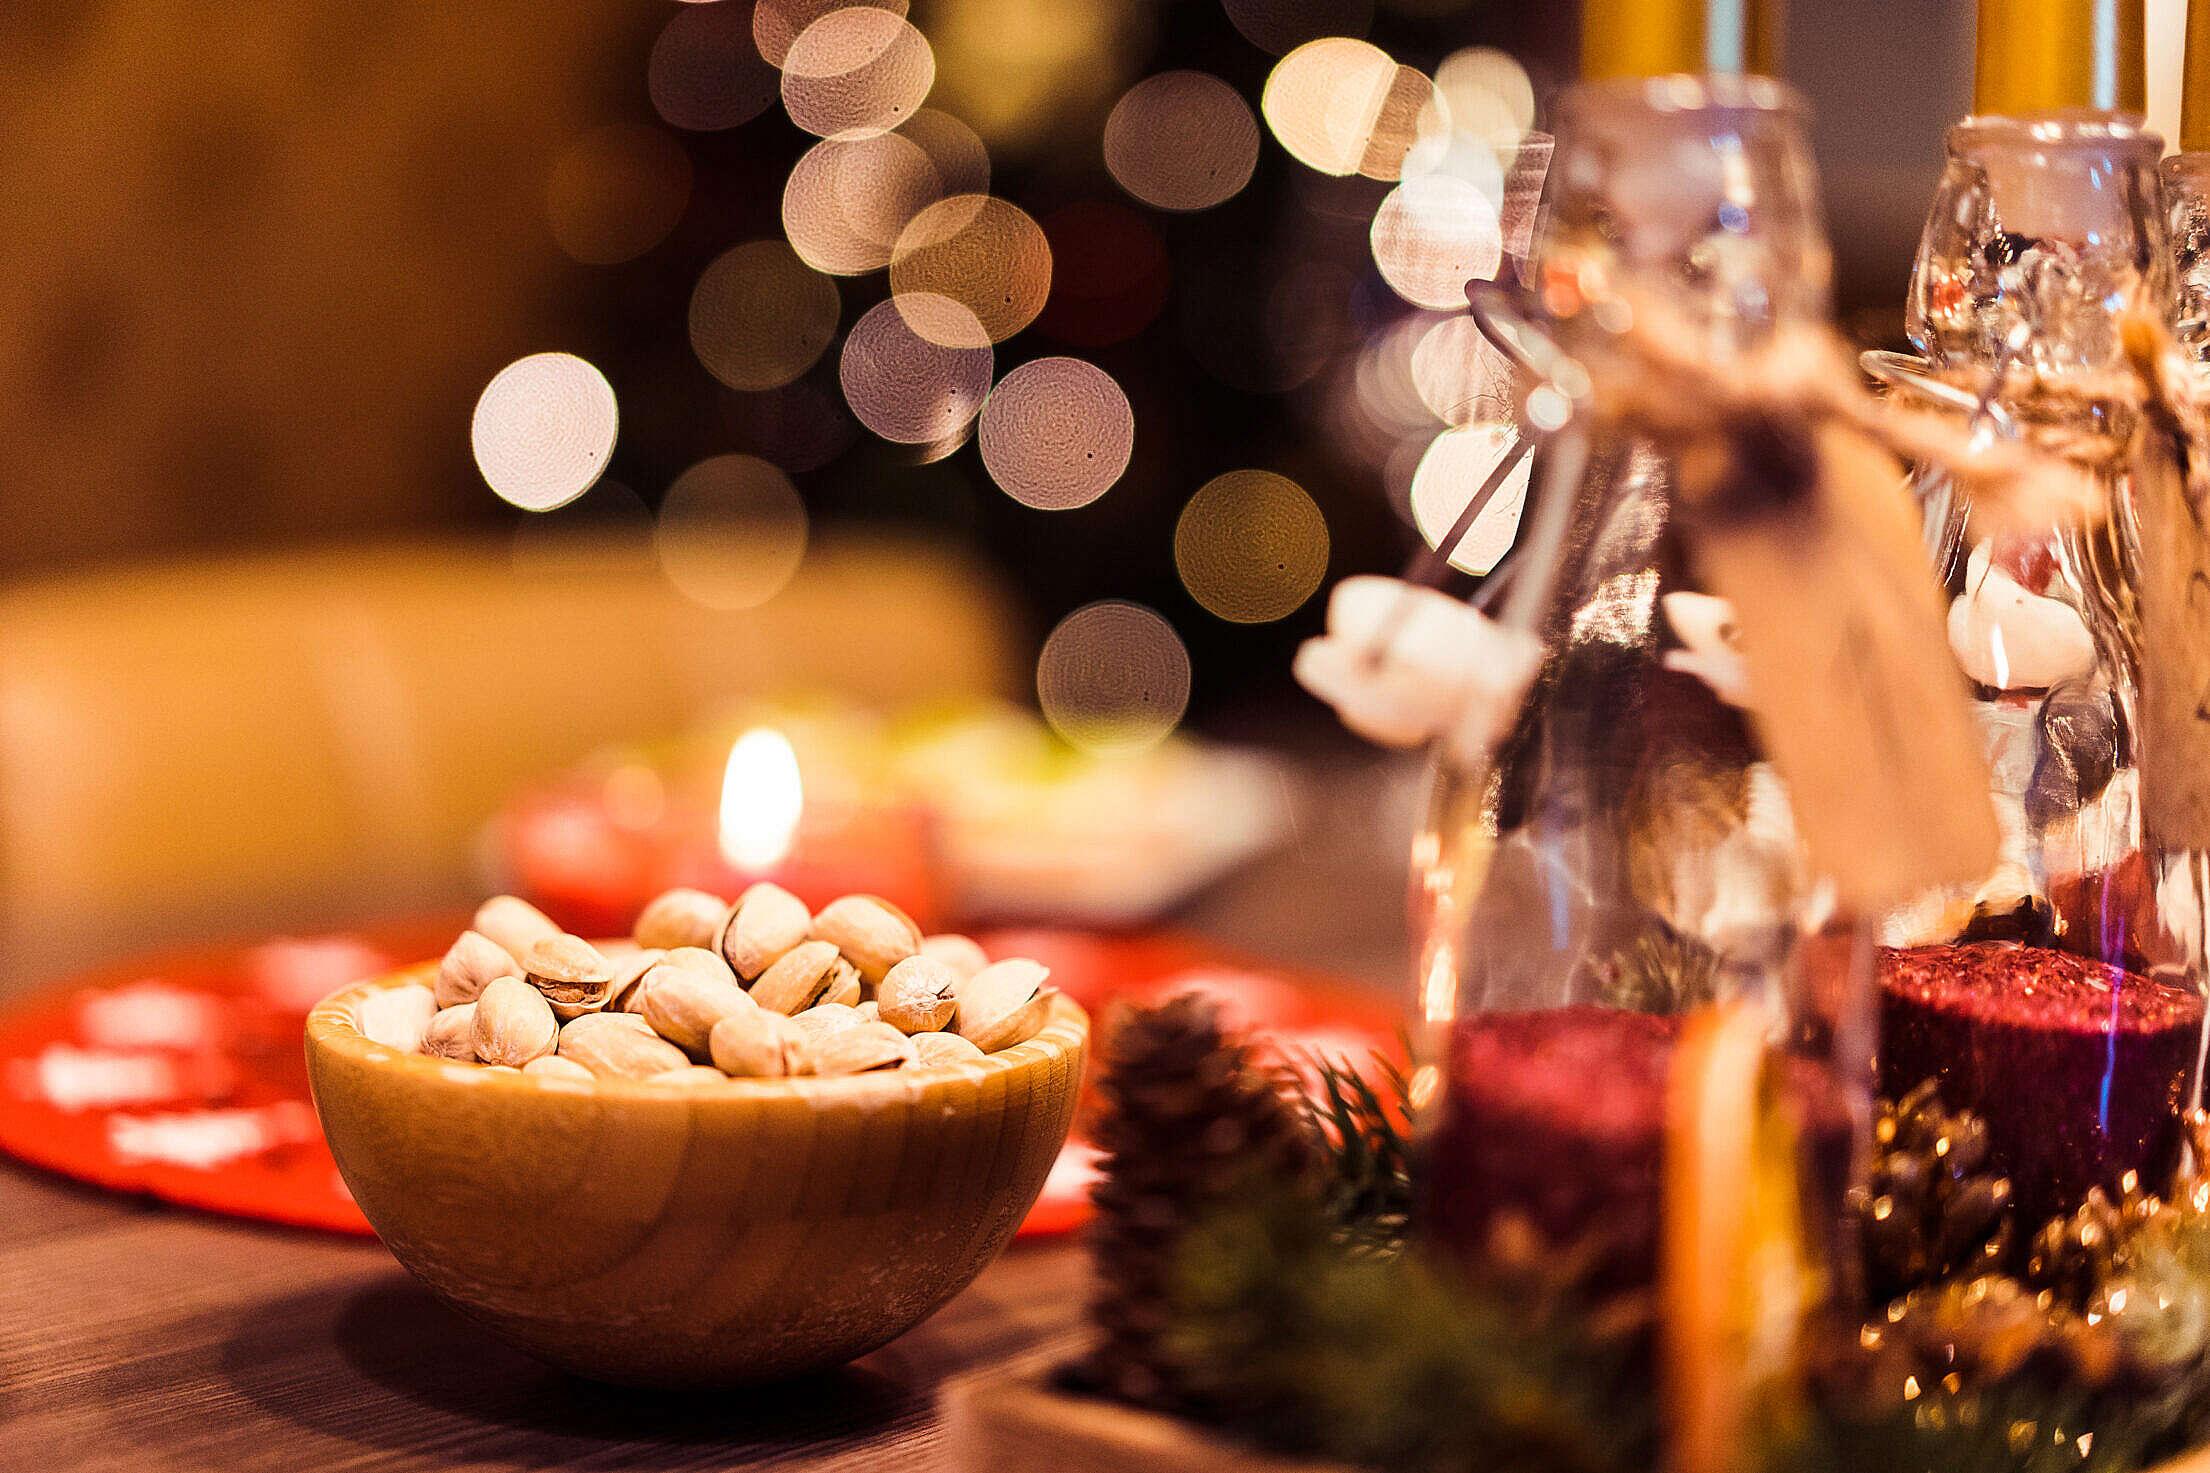 Pistachio Bowl on Christmas Table Free Stock Photo